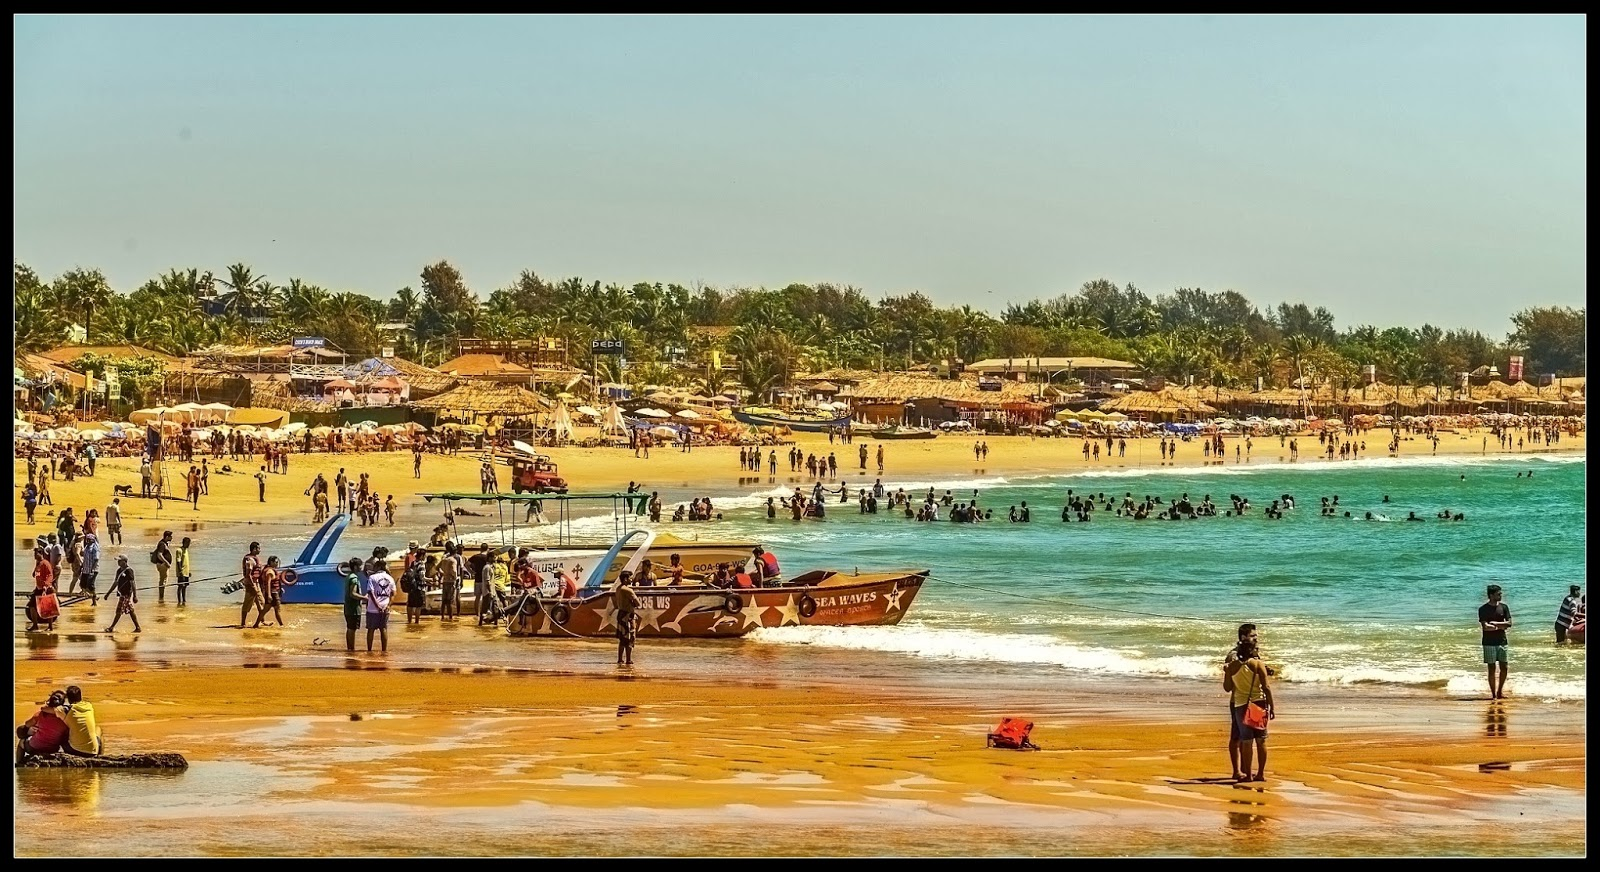 люди пляж бага гоа индия фото сомневаюсь